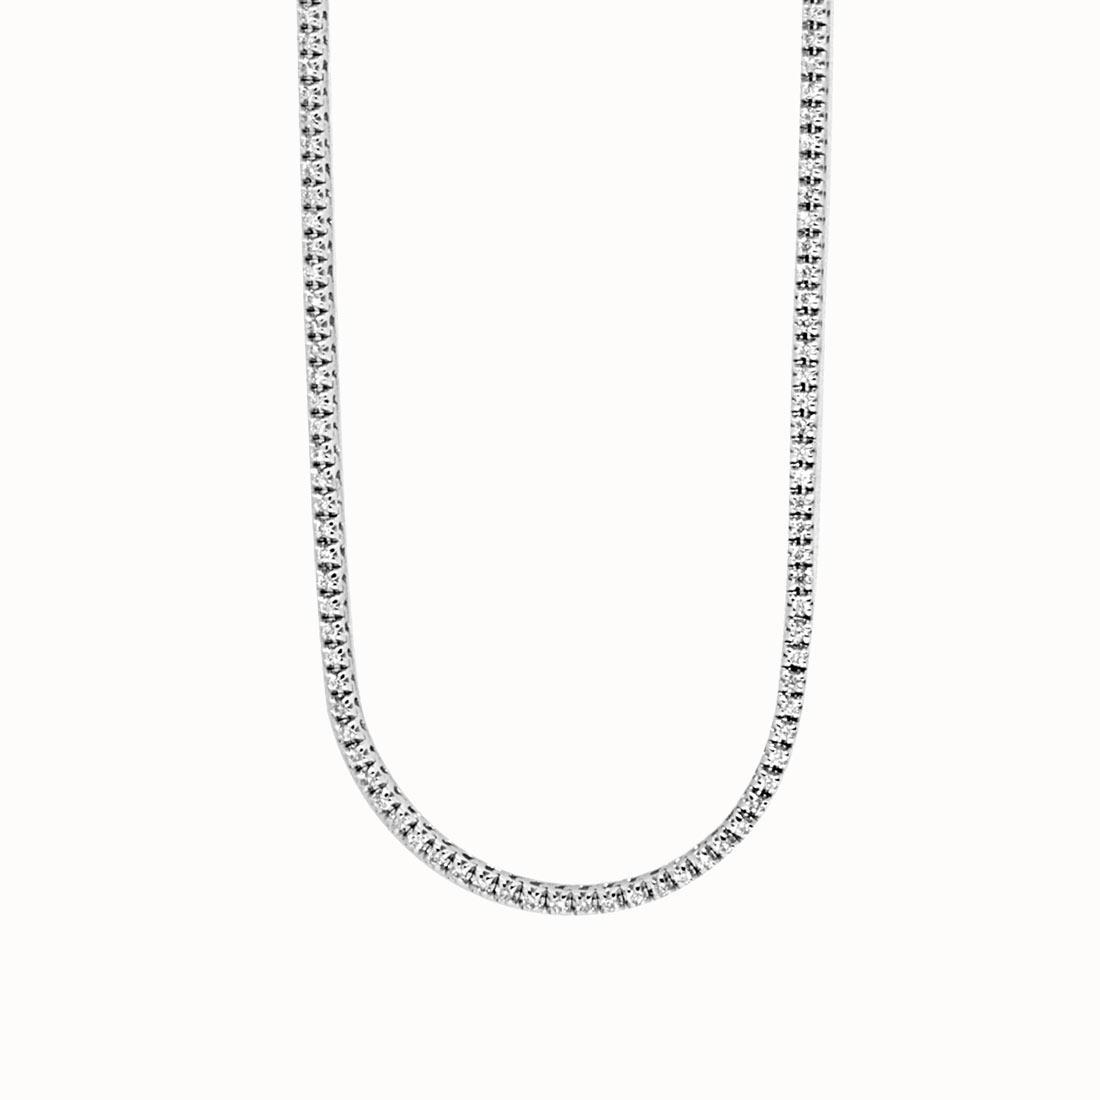 Collier Tennis Oro & Co diamanti ct 0,95 lughezza 42 cm - ORO&CO